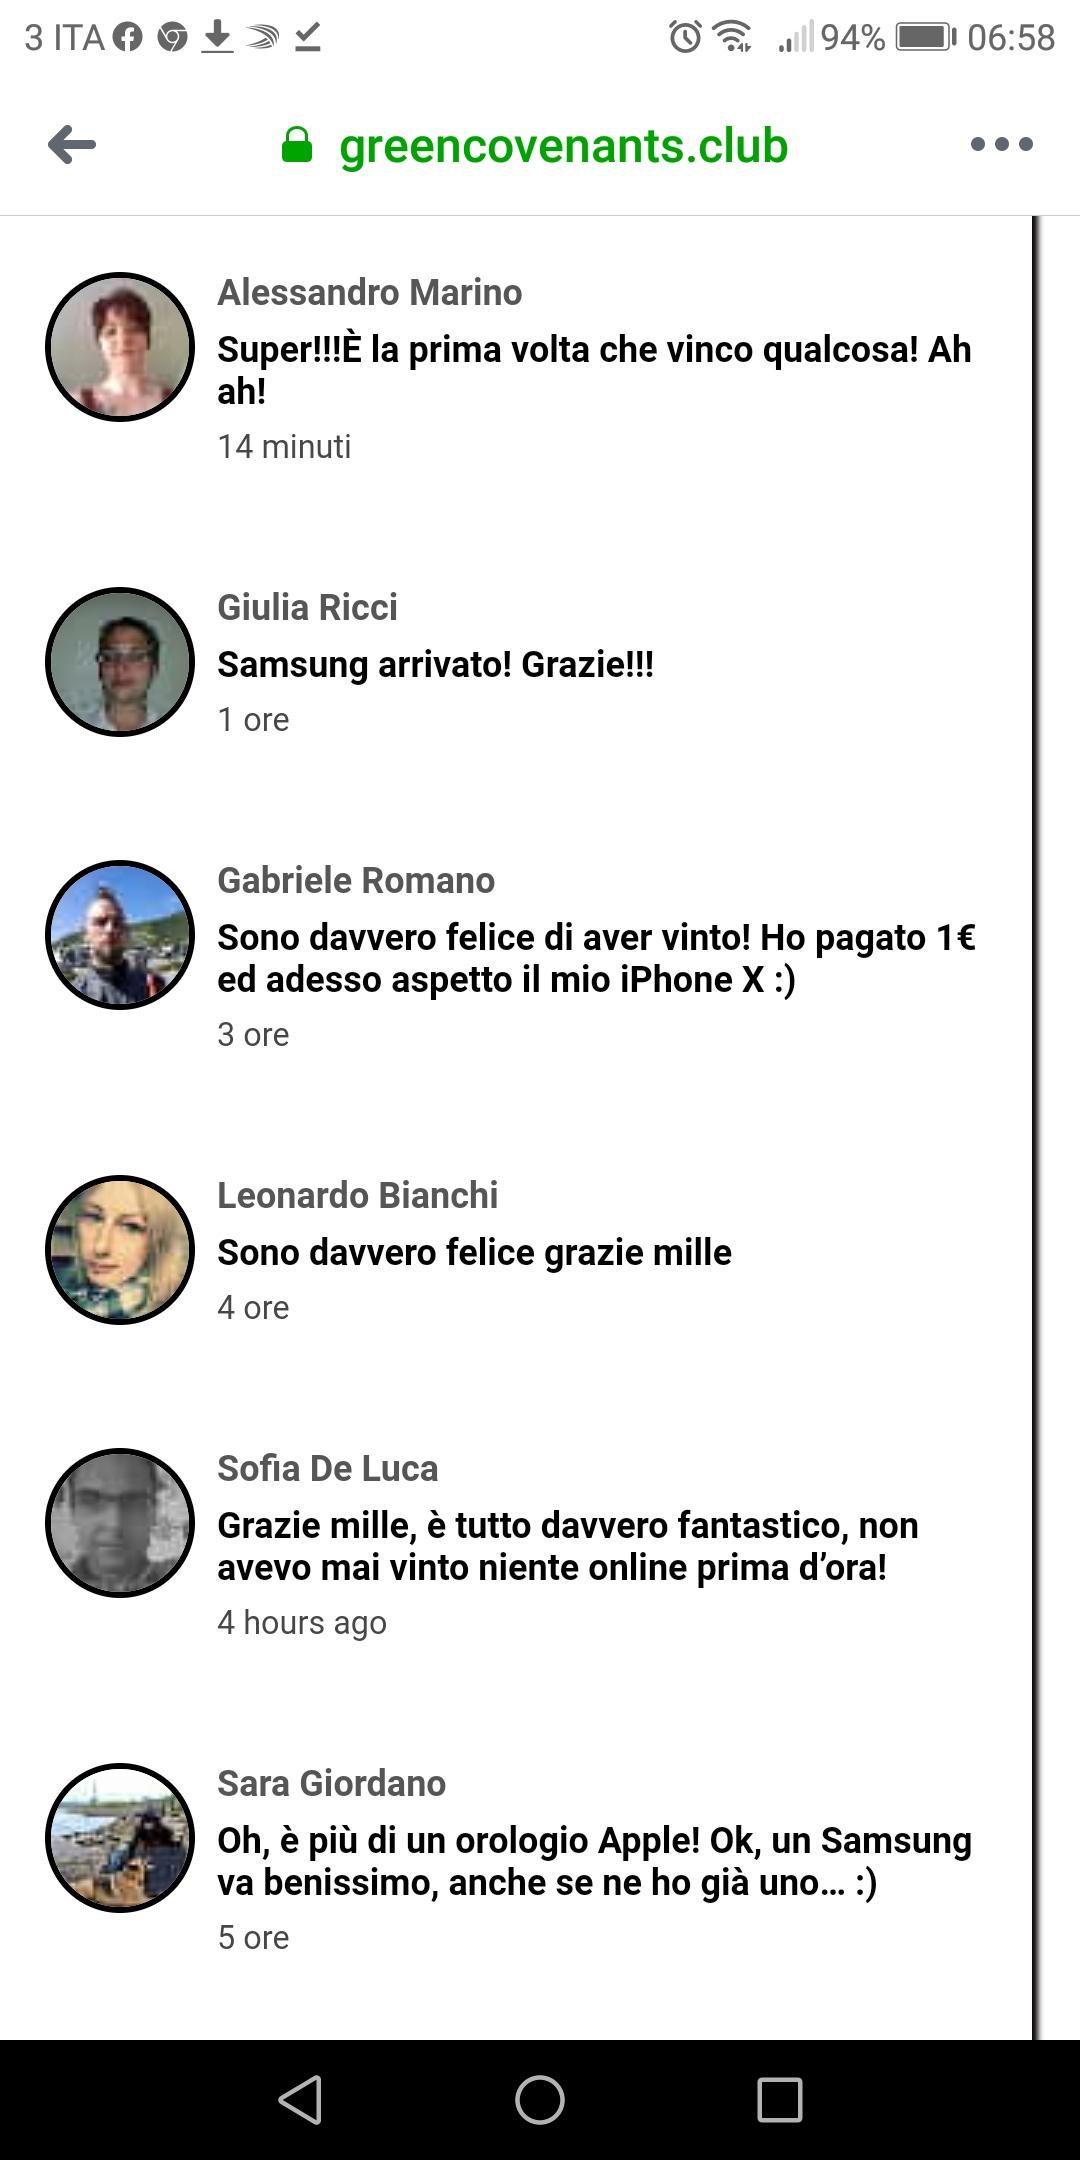 Clicca per ingrandire l'immagine dei FLASI commenti rassicuranti degli utenti che avrebbero ottenuto in premio lo smartphone dopo aver completato il sondaggio!